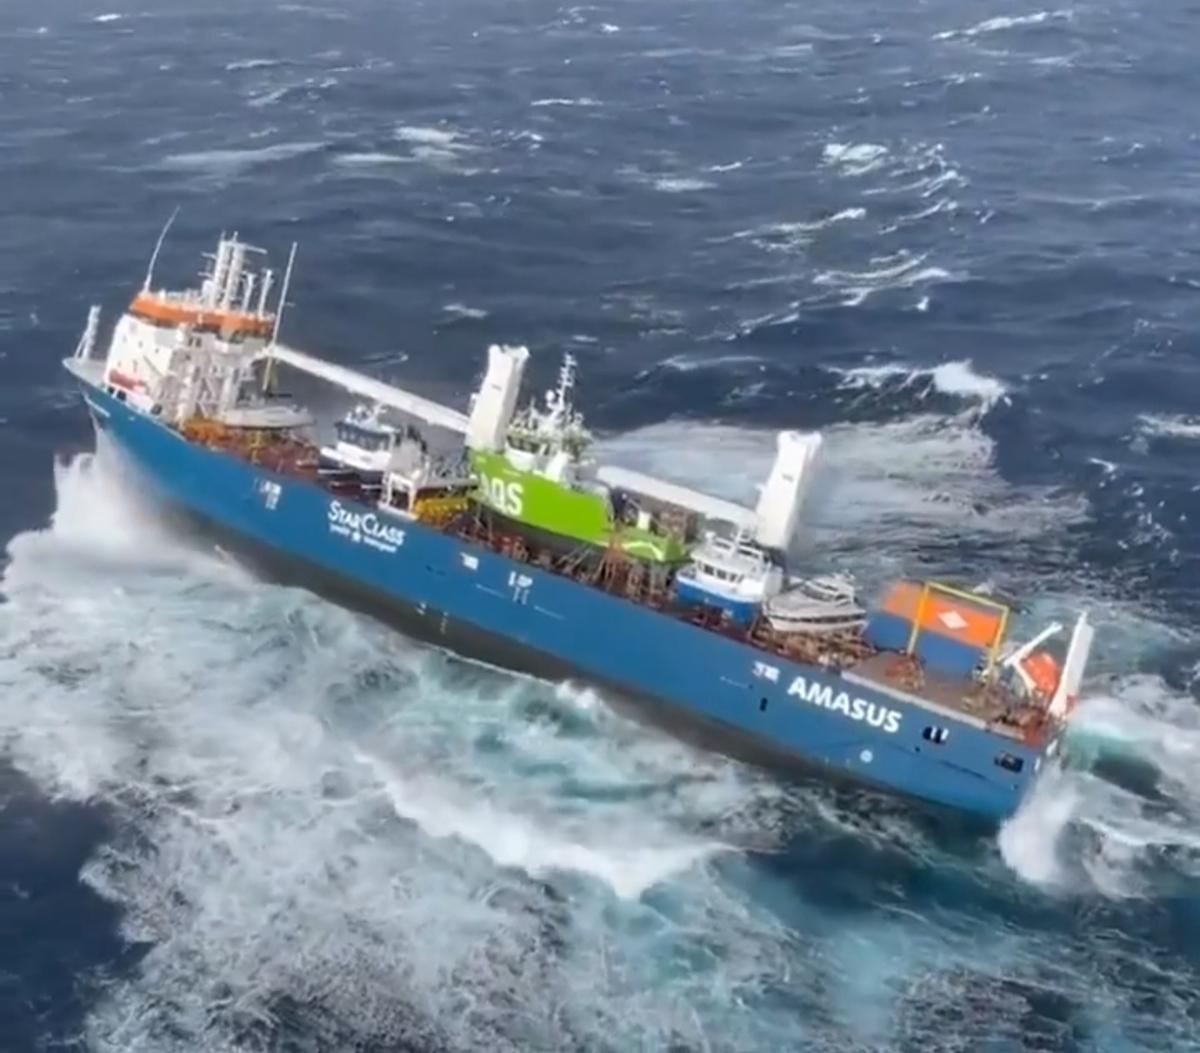 عملیات نجات در یک کشتی باری عظیم در دریای نروژ + ویدئو